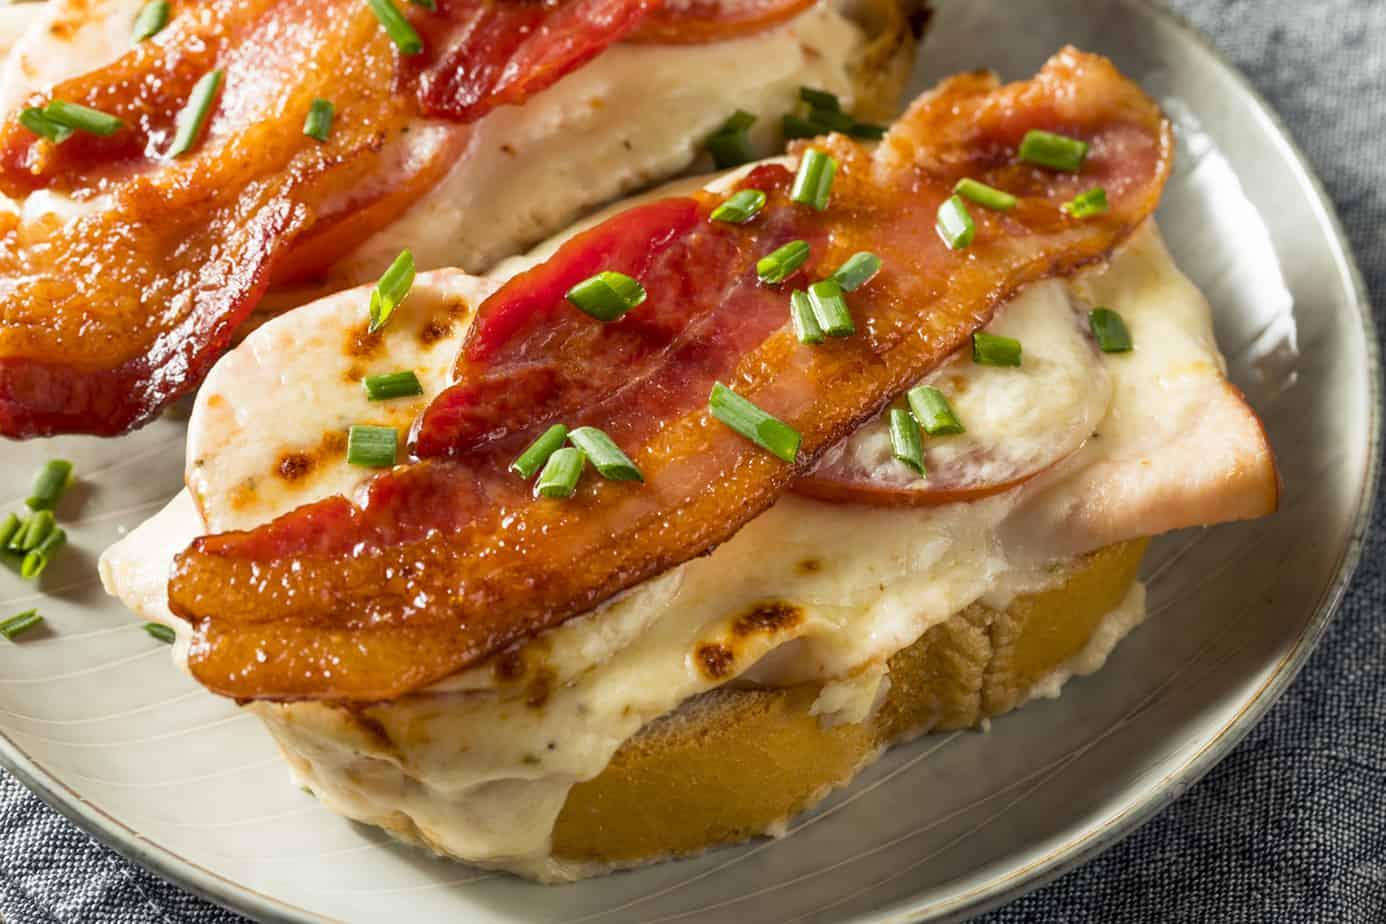 Closeup view of a Kentucky Hot Brown Sandwich